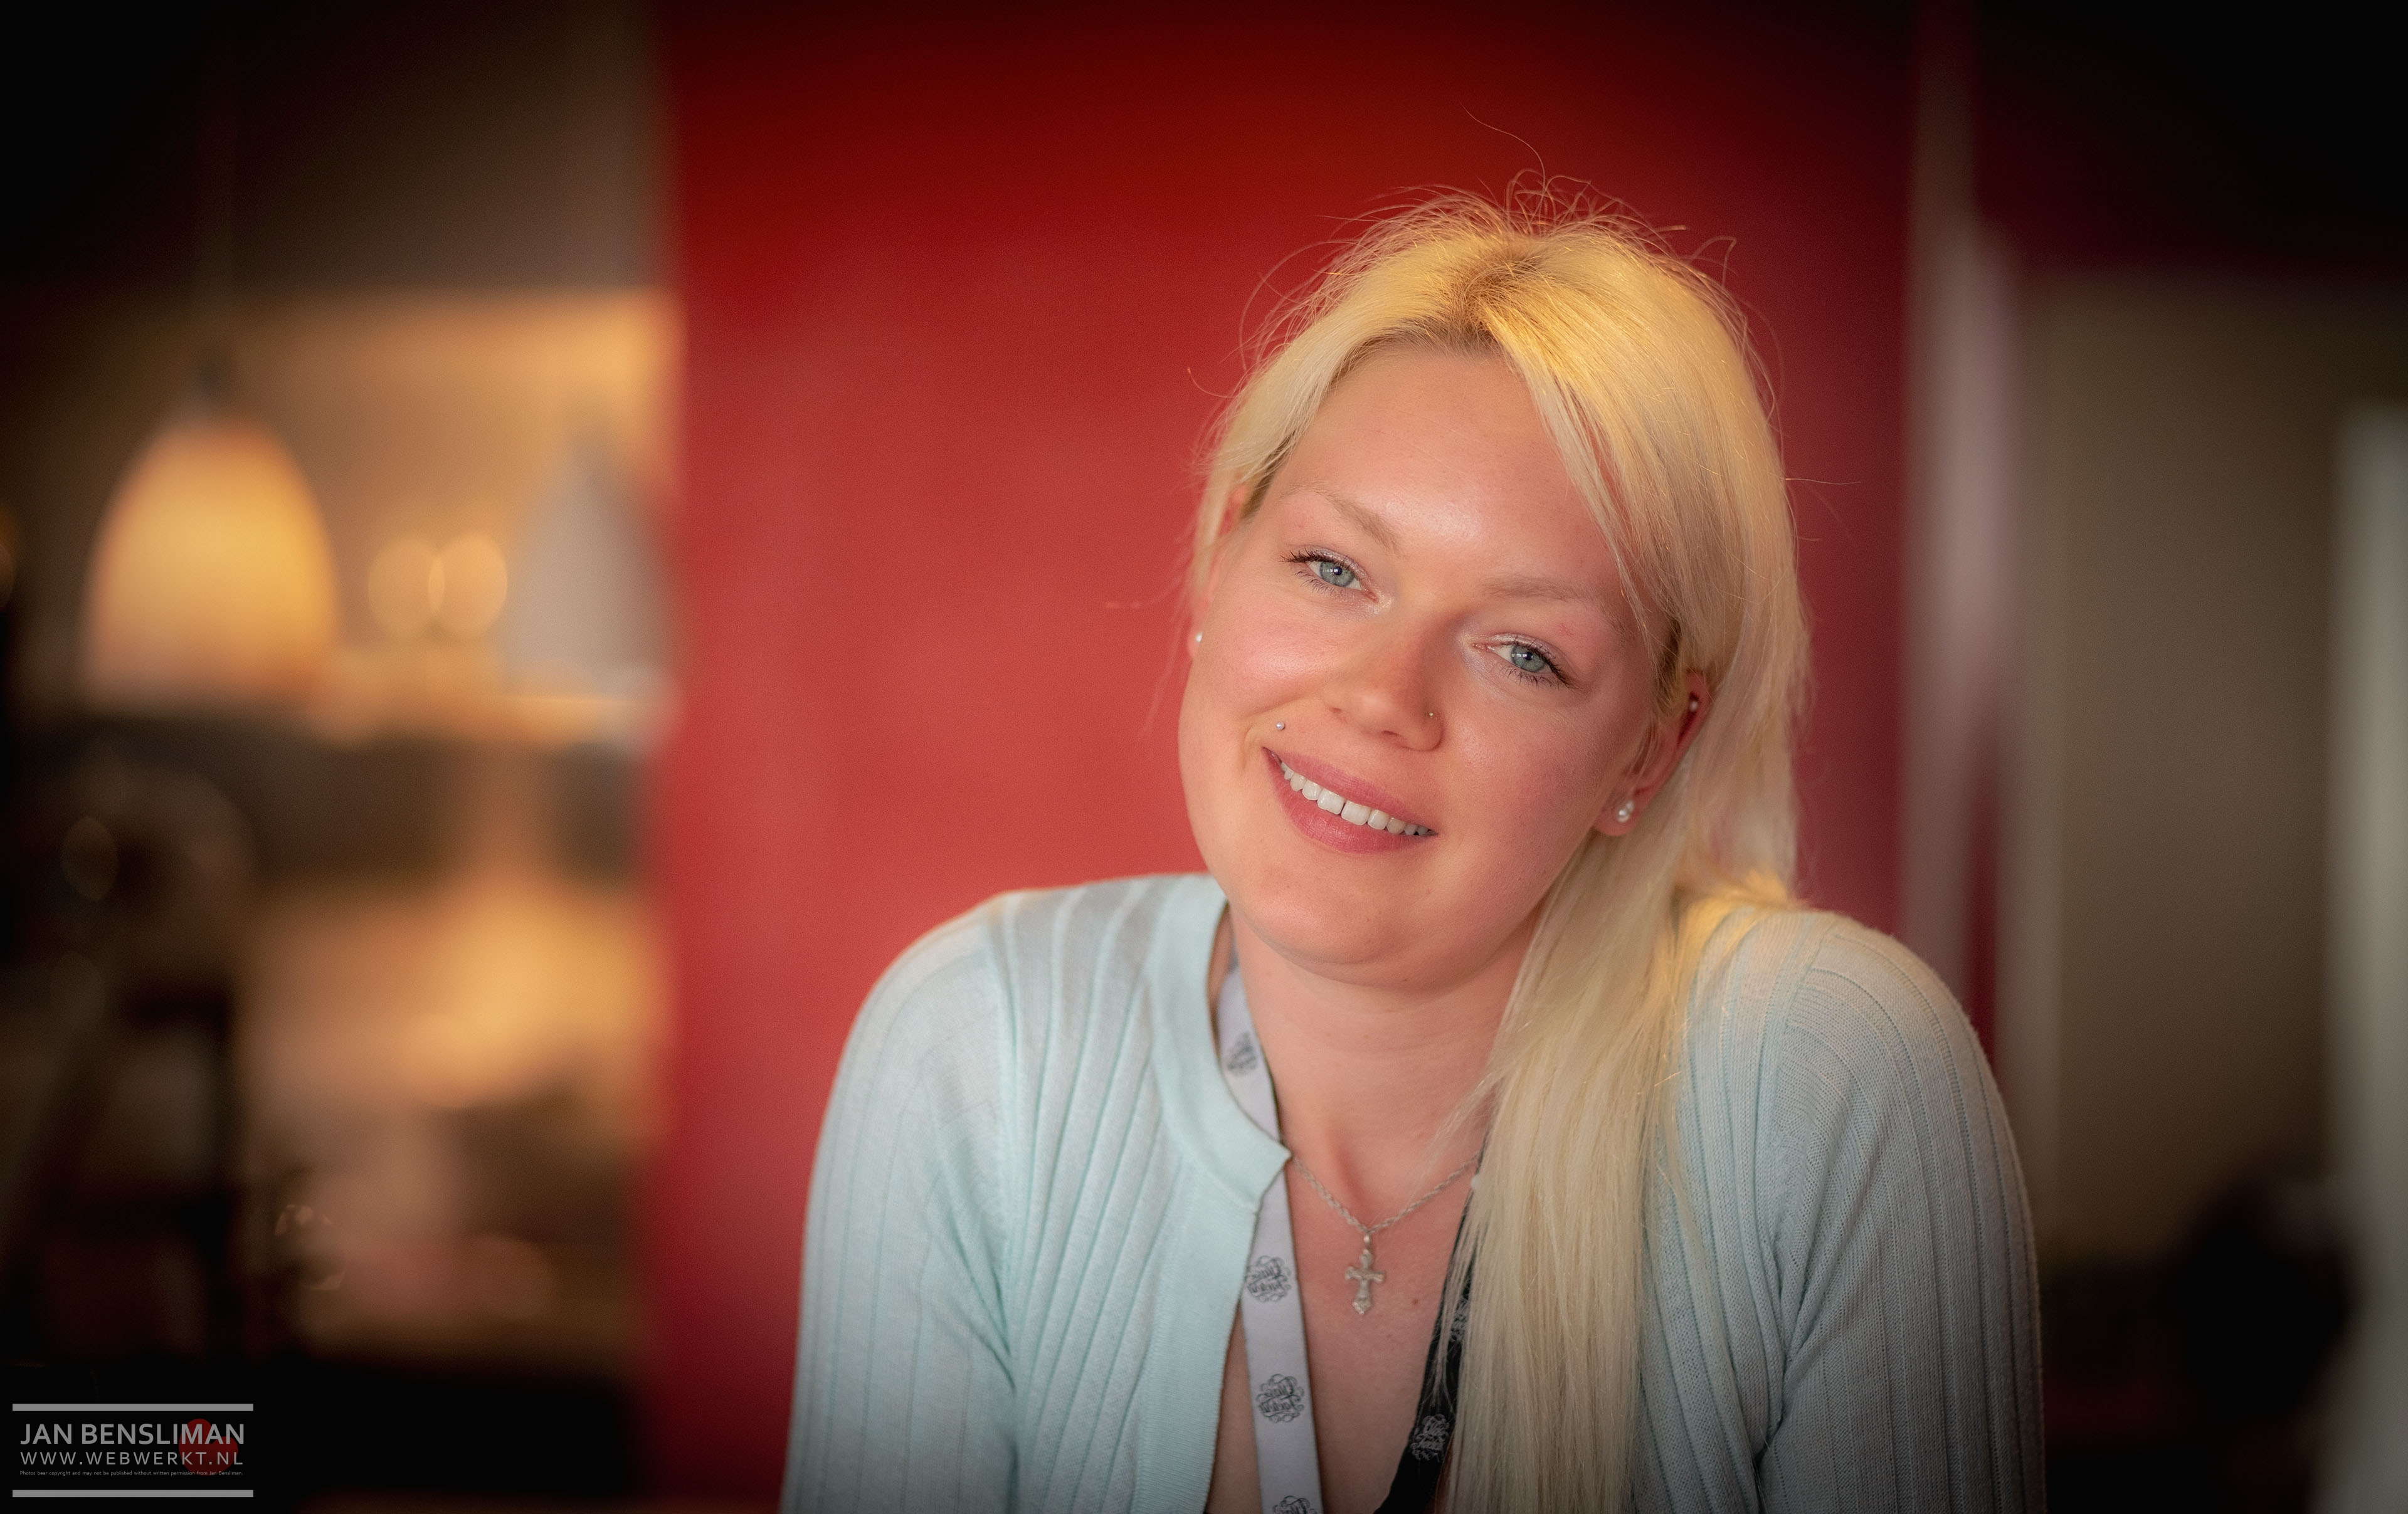 Jenni Schuett stond bij de balie van The Glass Factory in Glasbruk Boda in Zweden. Zweedser kan volgens mij haast niet. Ze wil wel model worden vertelde ze mij toen ik vroeg of ik een paar foto's van haar mocht maken.